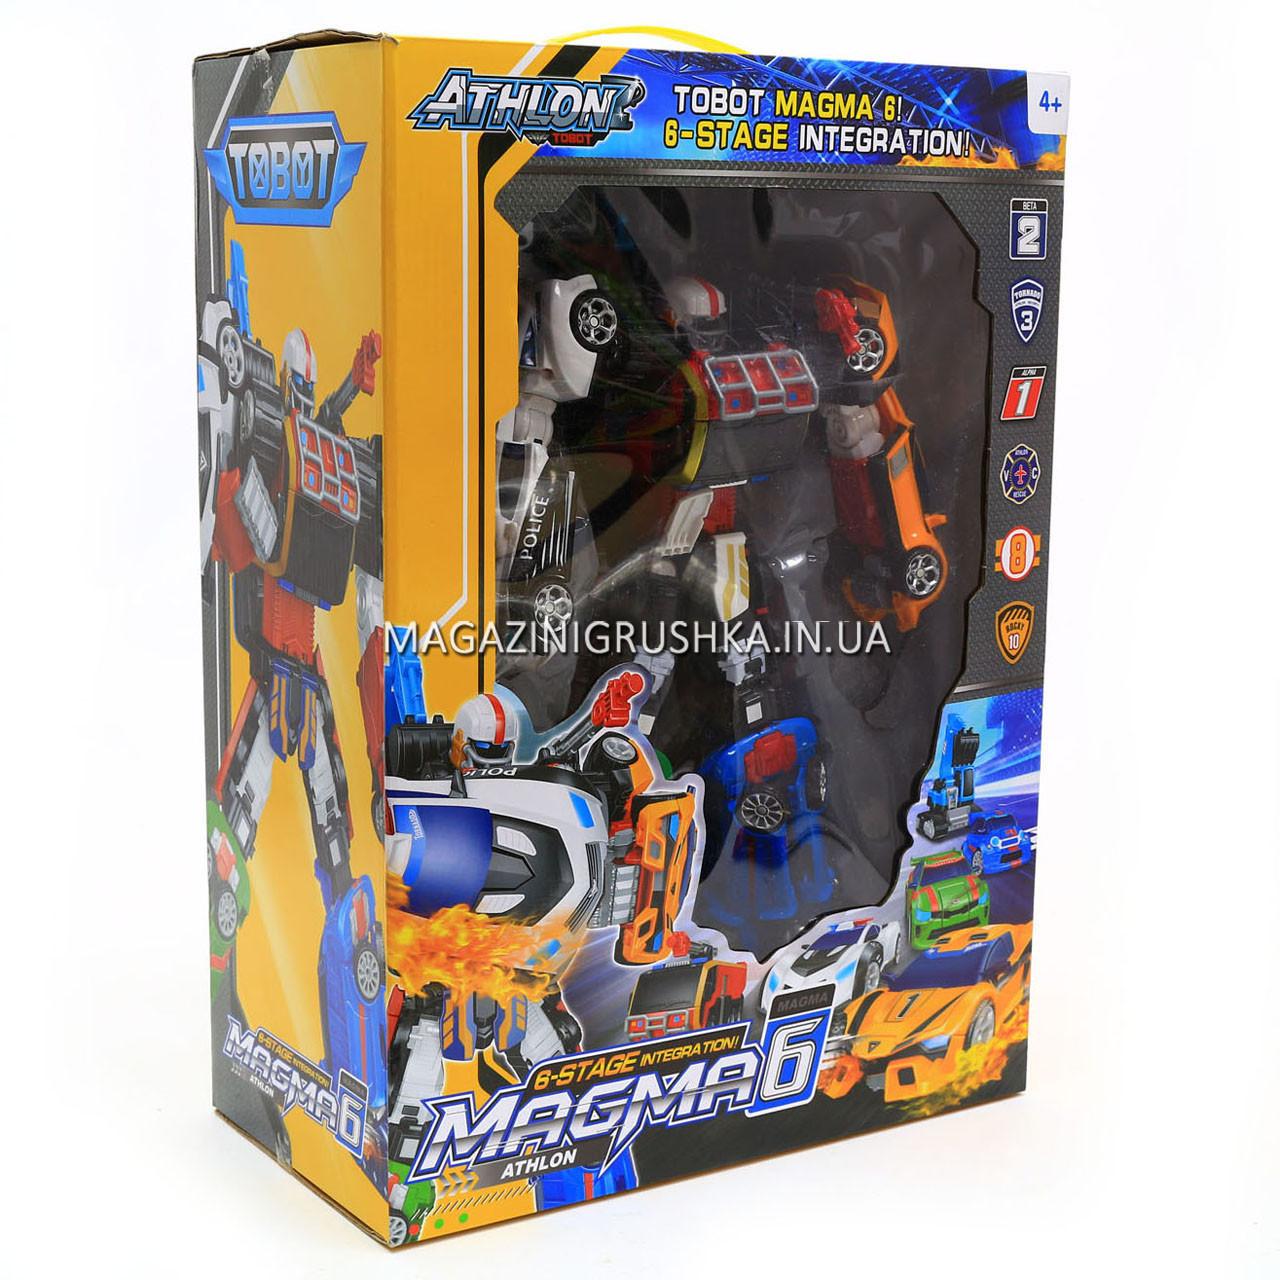 Игровой набор роботы тоботы «Tobot» 6 в 1 арт 523